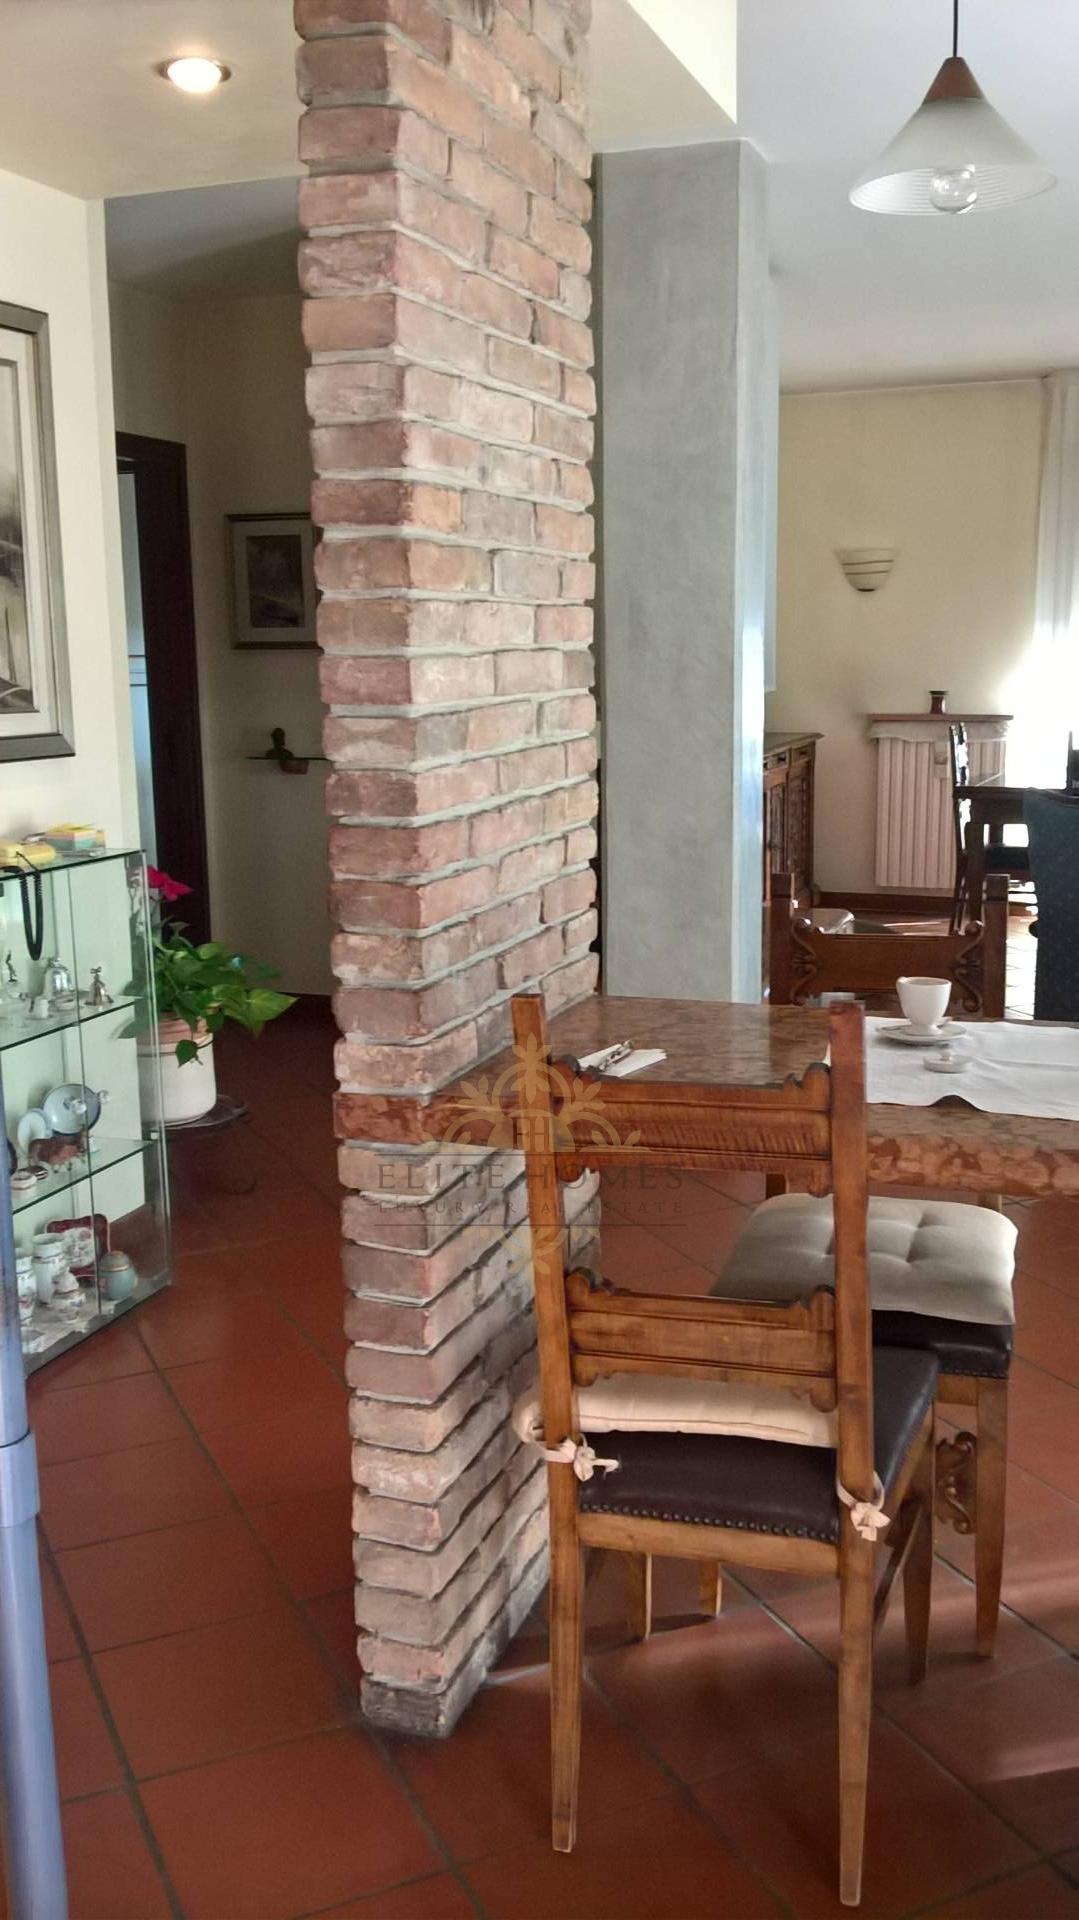 Appartamento in vendita a Verona, 6 locali, zona Località: SanMassimo, prezzo € 350.000 | Cambio Casa.it